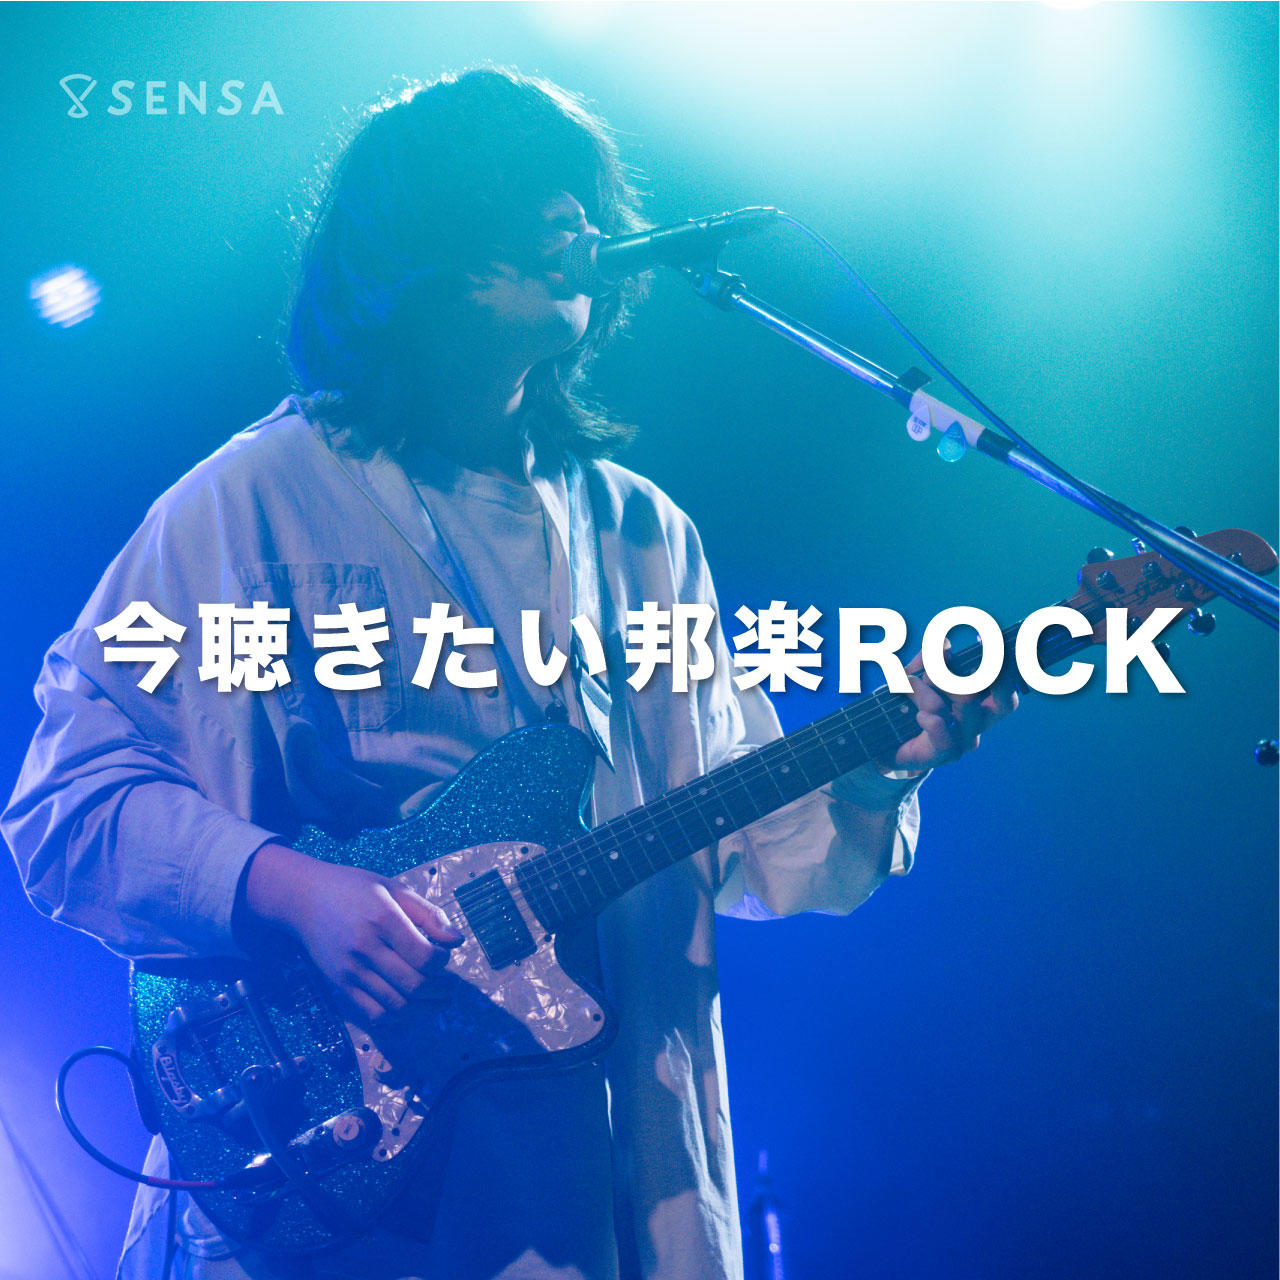 sensa_web_playlists_horock_09-3.jpg